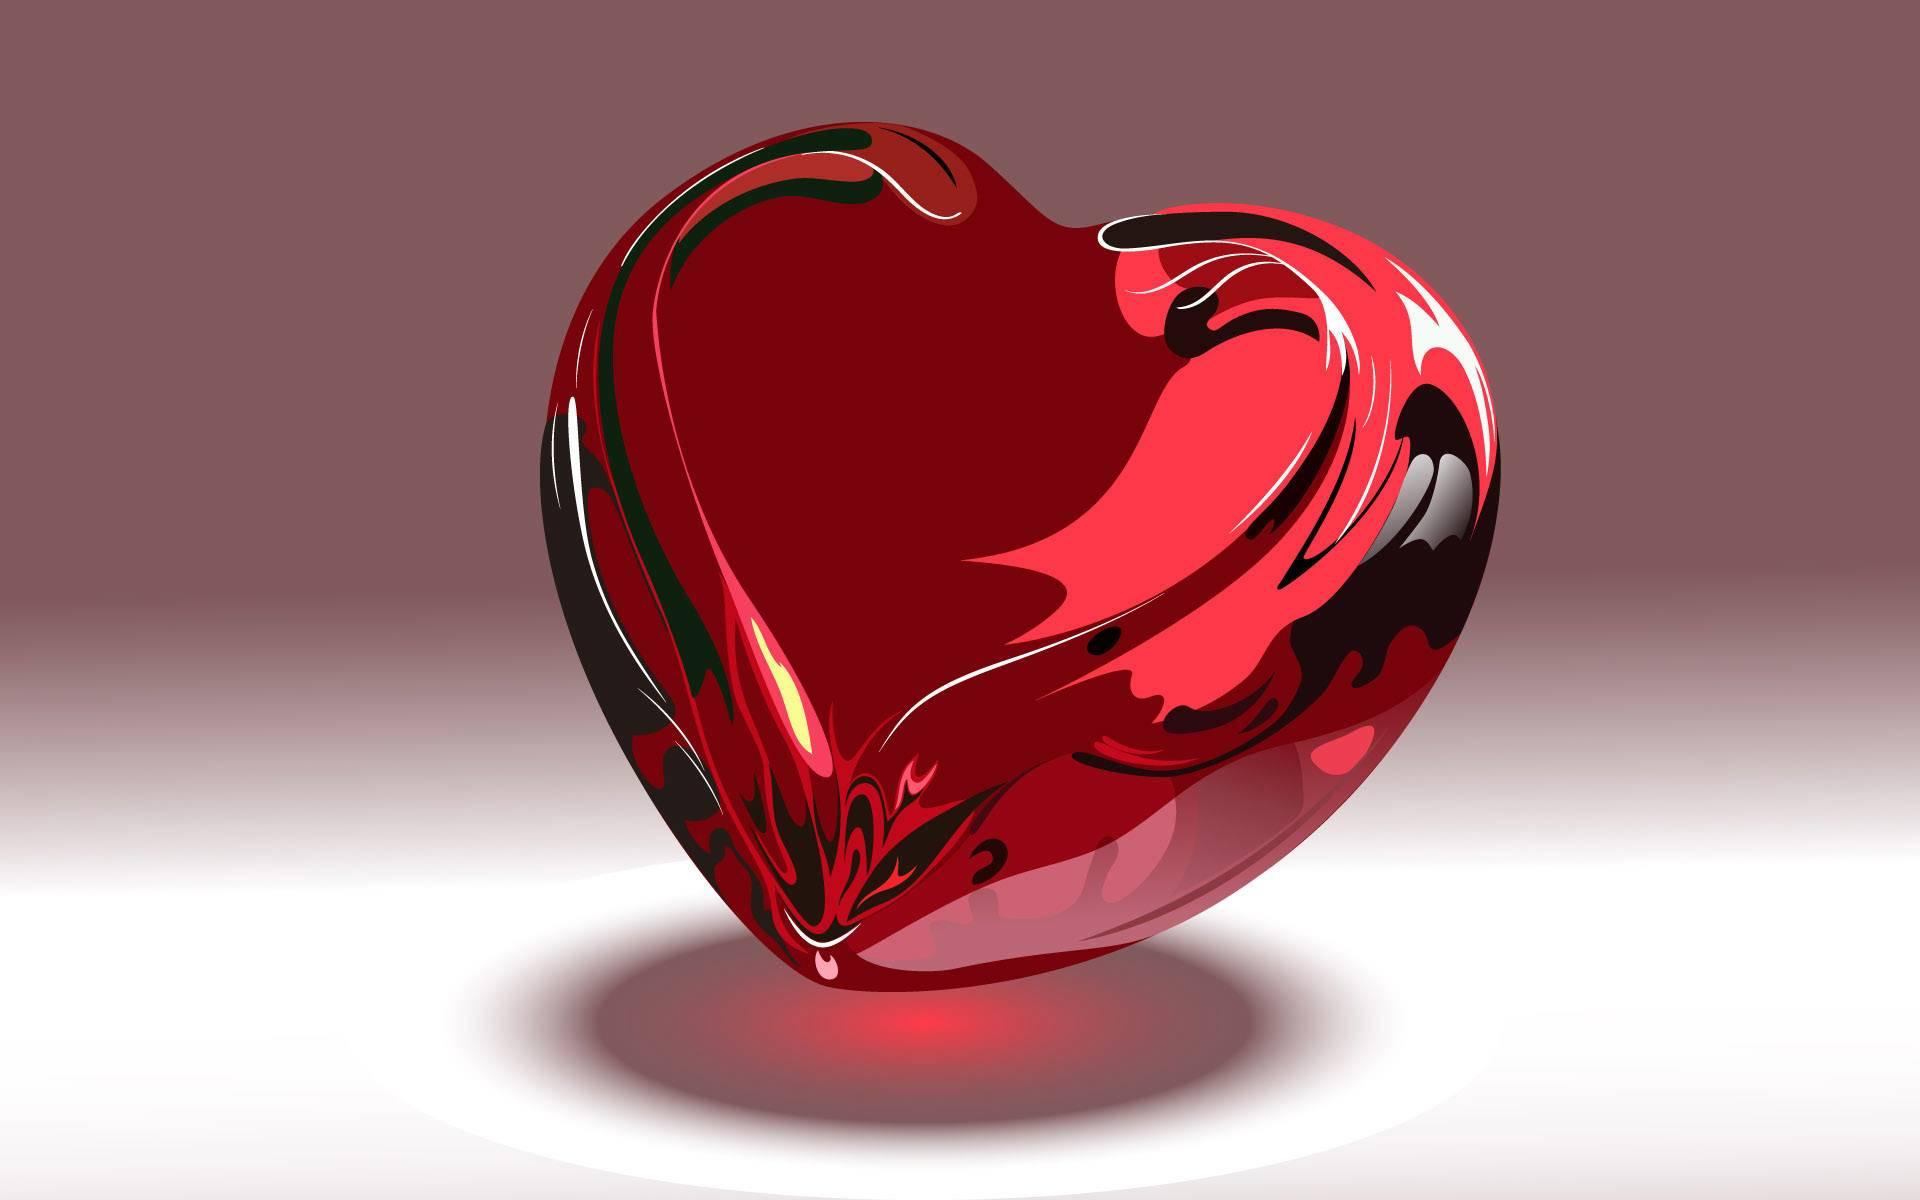 Beautiful Heart Wallpapers - WallpaperSafari